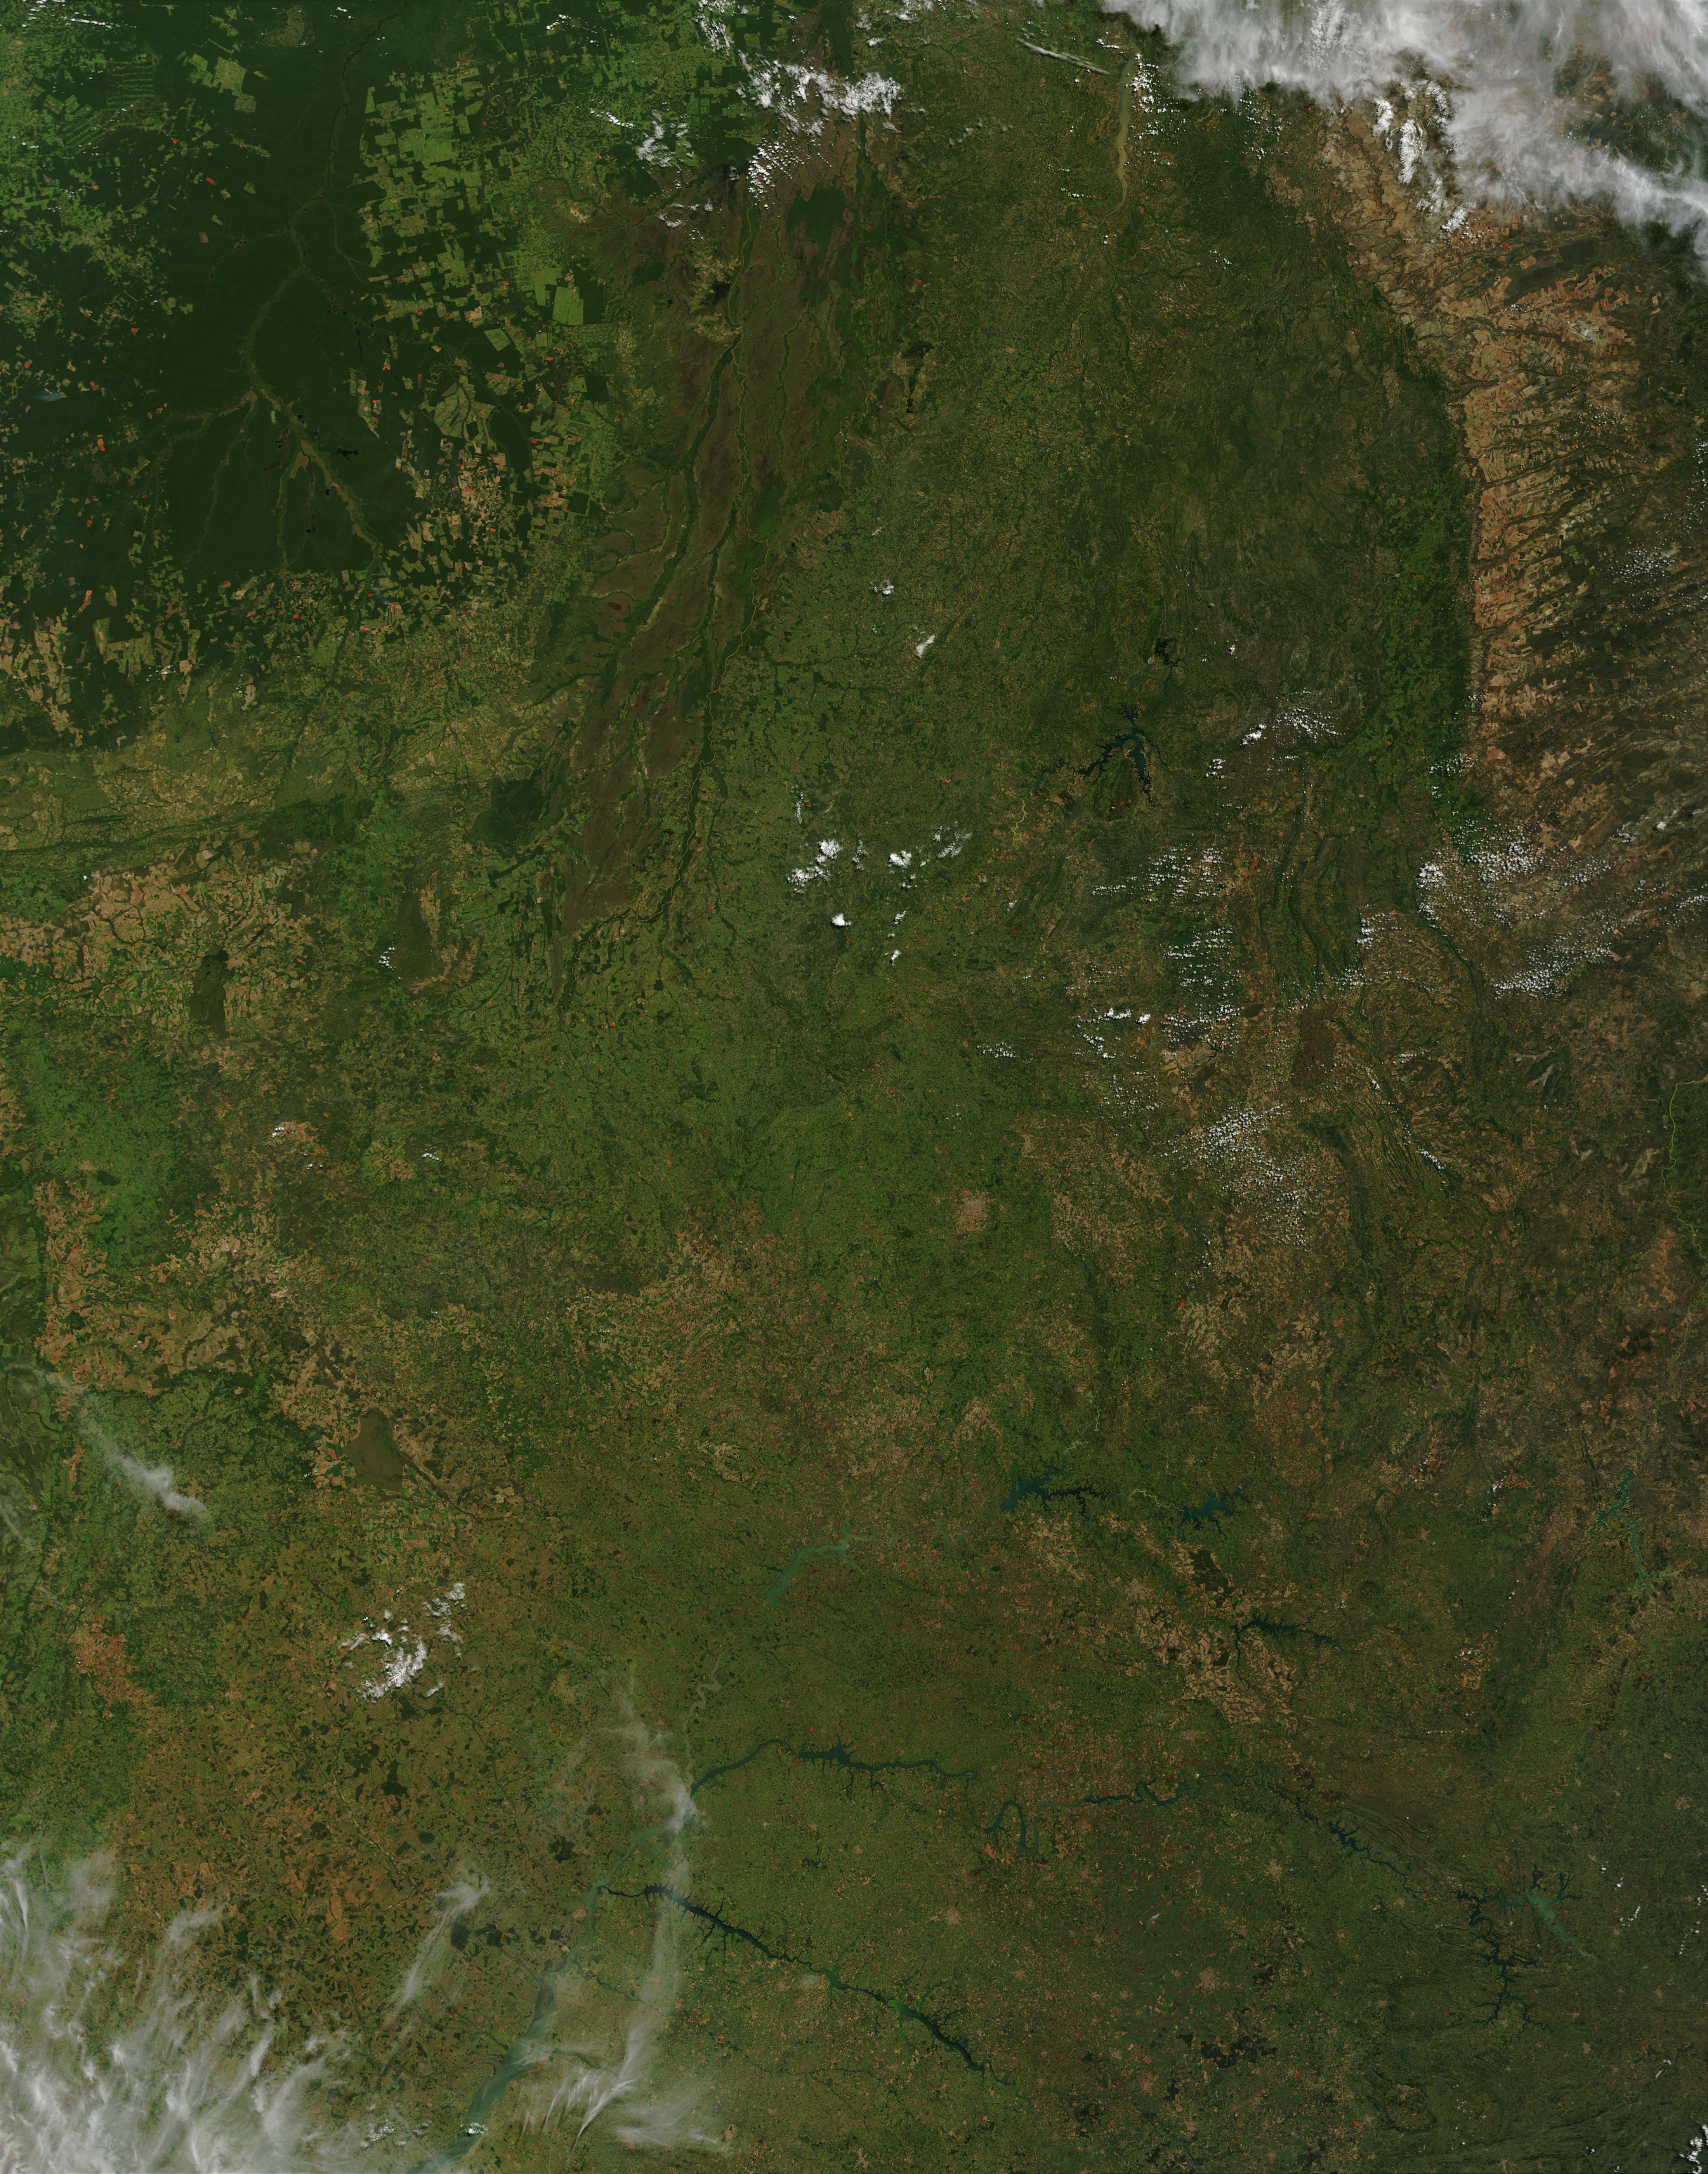 Southcentral Brazil